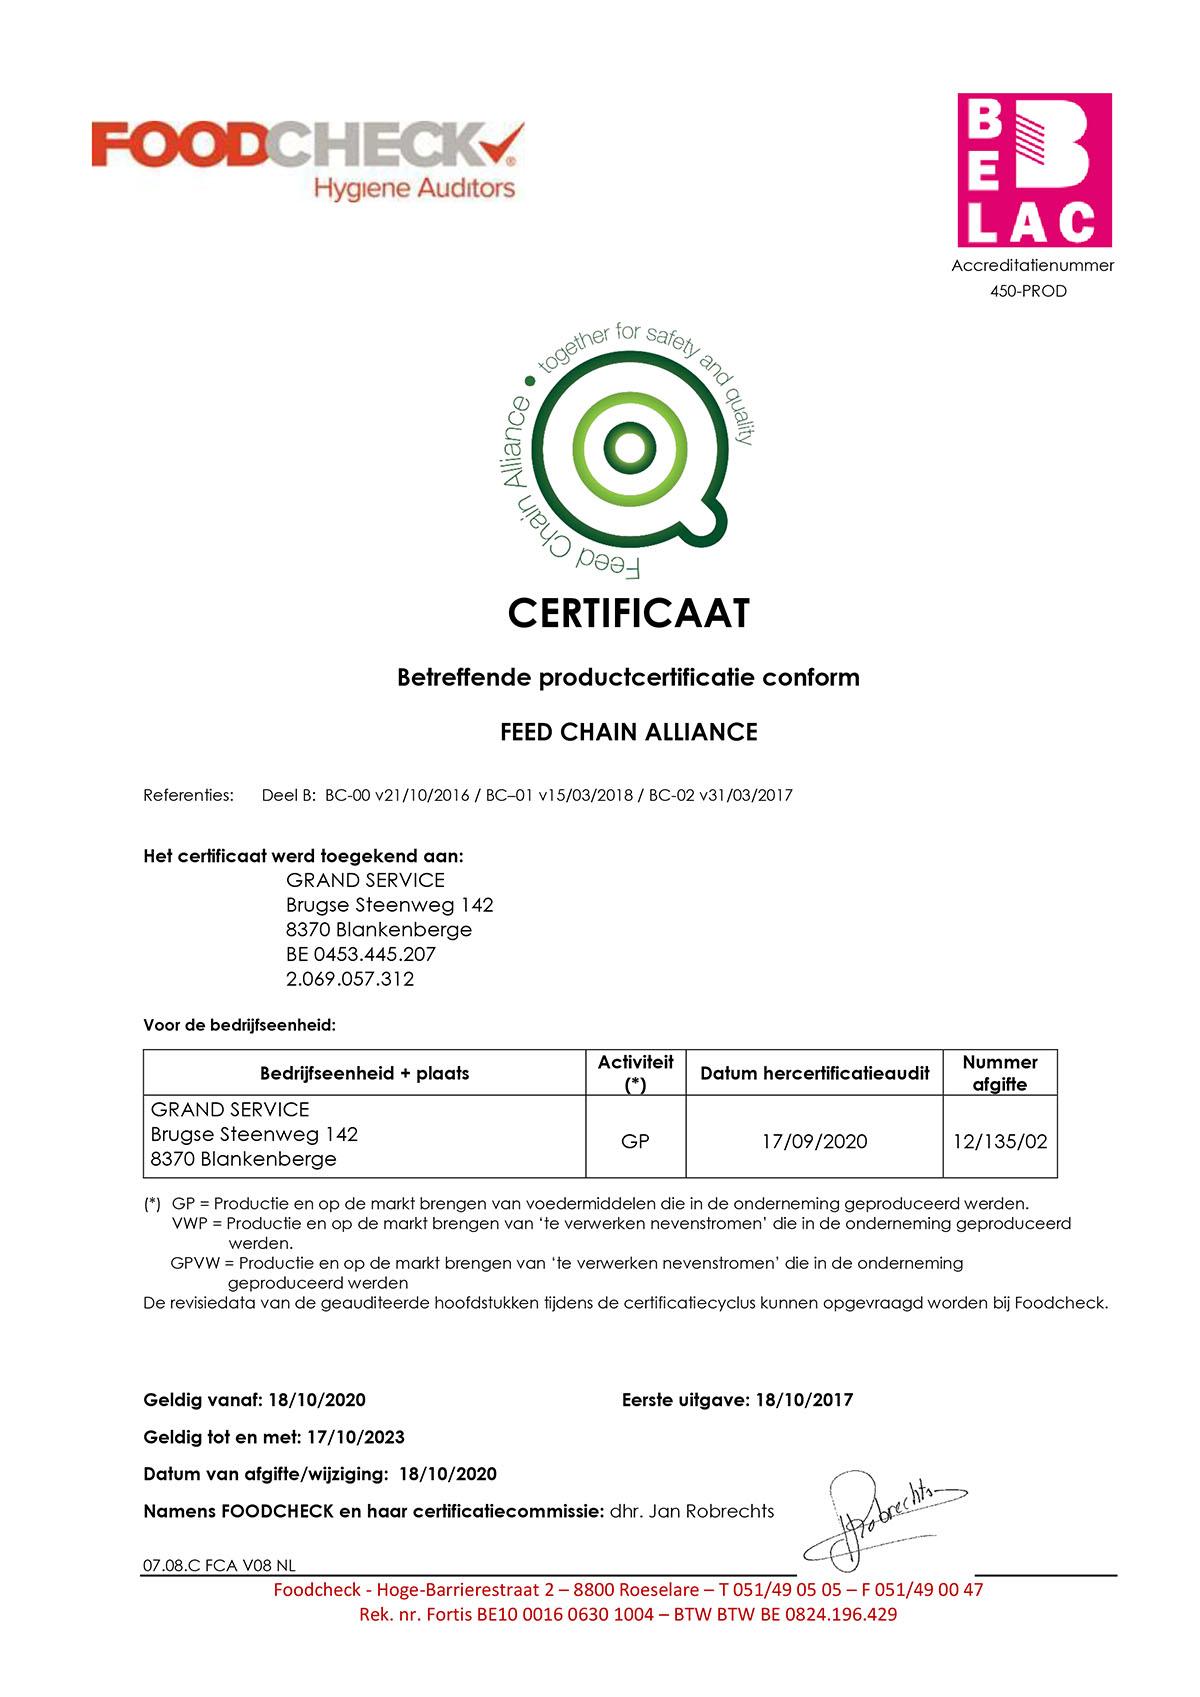 certificaatFCA